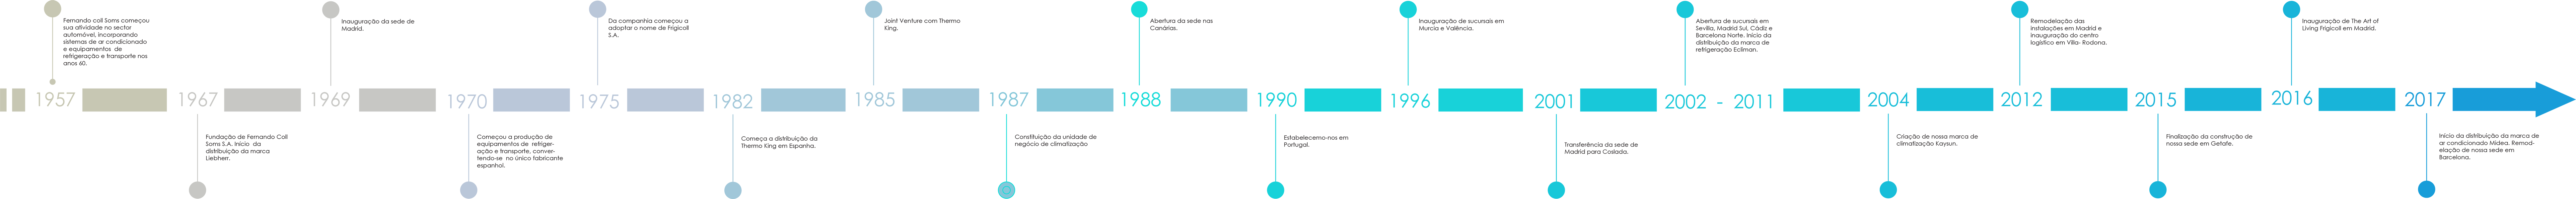 Cronologia historia frigicoll empresa